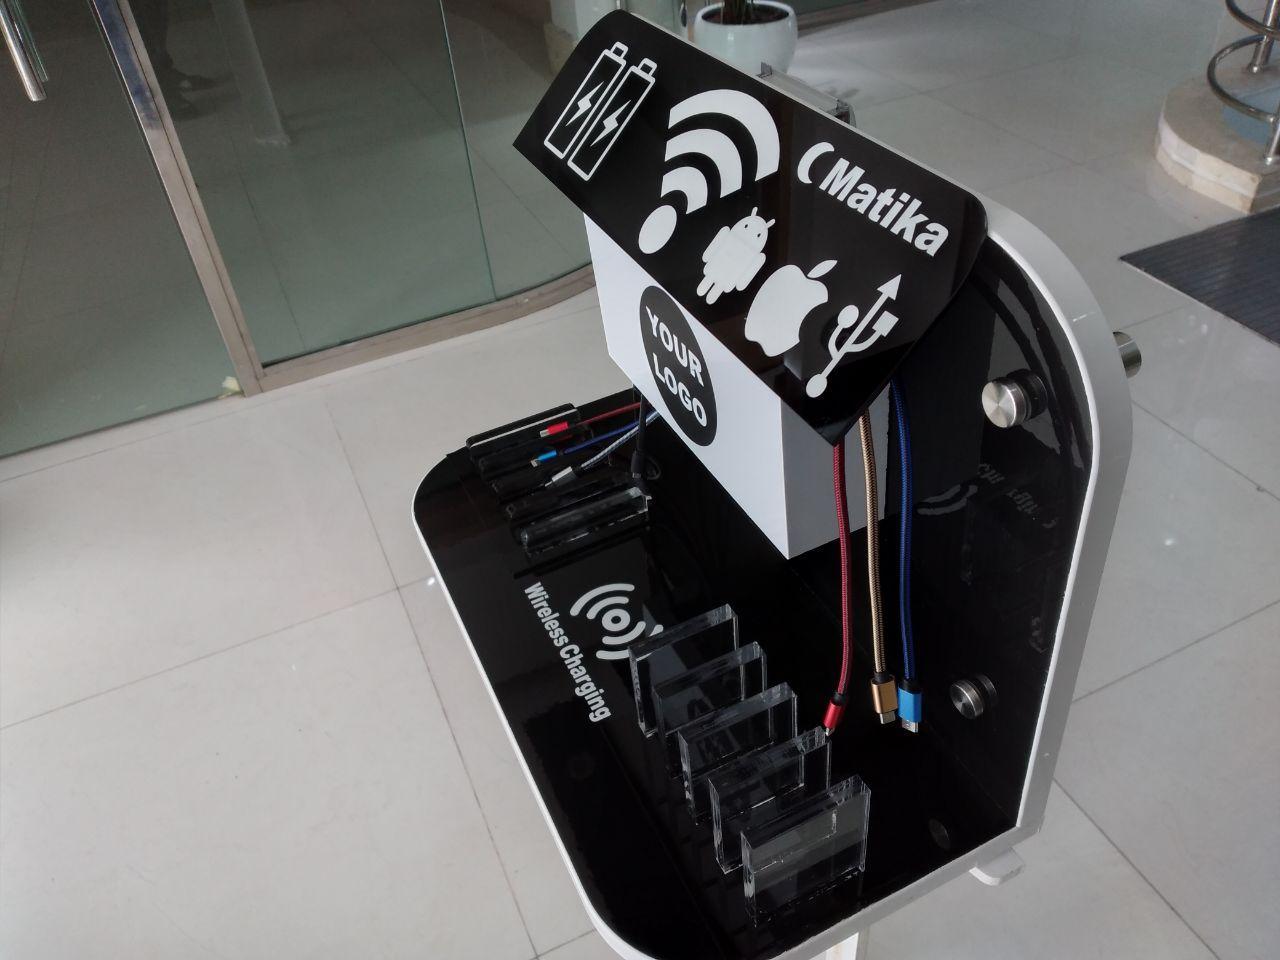 ایستگاه شارژر دیواری مدل TWI با ظاهری زیبا و کیفیت مناسب دارای قابلیت شارژ فست همزمان ۸ گوشی موبایل و تبلت از انواع مختلف و یک شارژر وایرلس نامحسوس می باشد که باتوجه به ابعاد آن ۲۲×۳۲×۴۲ سانتی متر امکان نصب برروی دیوار در هر نقطه ای را دارد همچنین امکان نصب لوگو برند نیز در آن وجود دارد